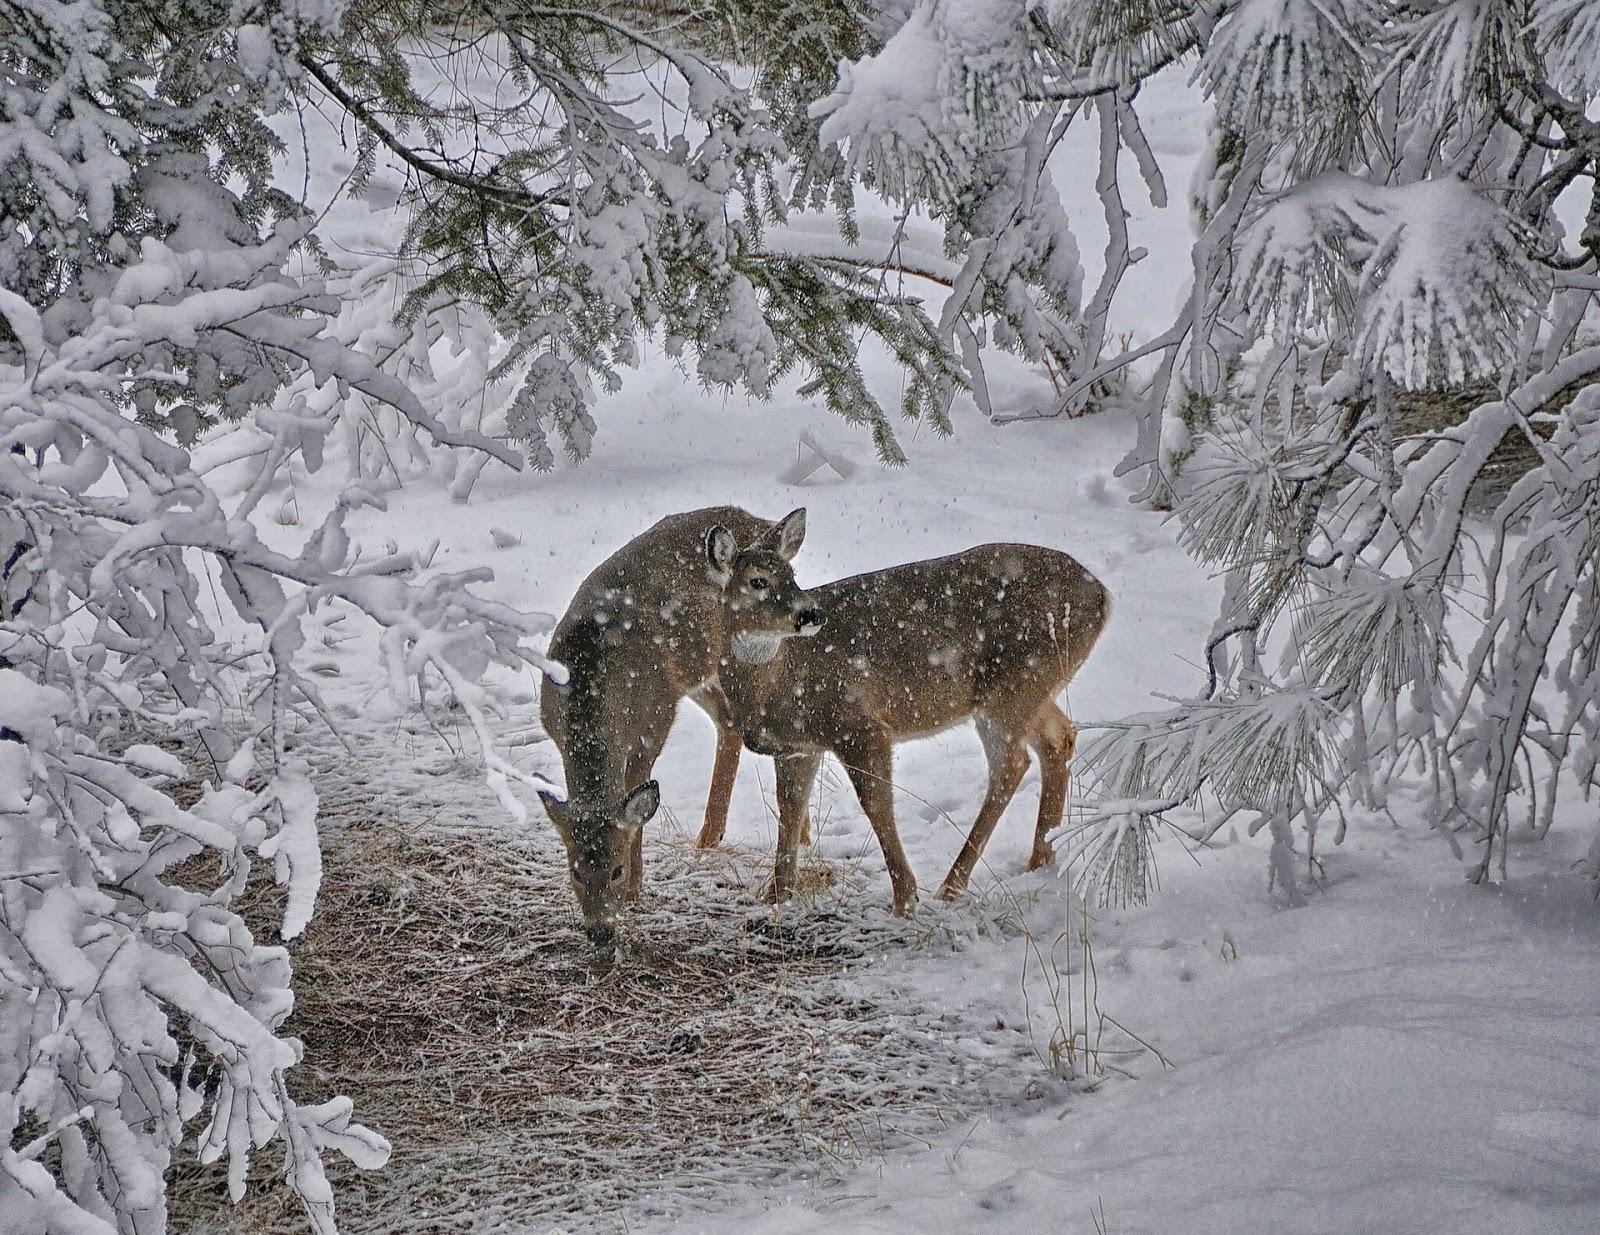 Deer wallpaper 1600x1235